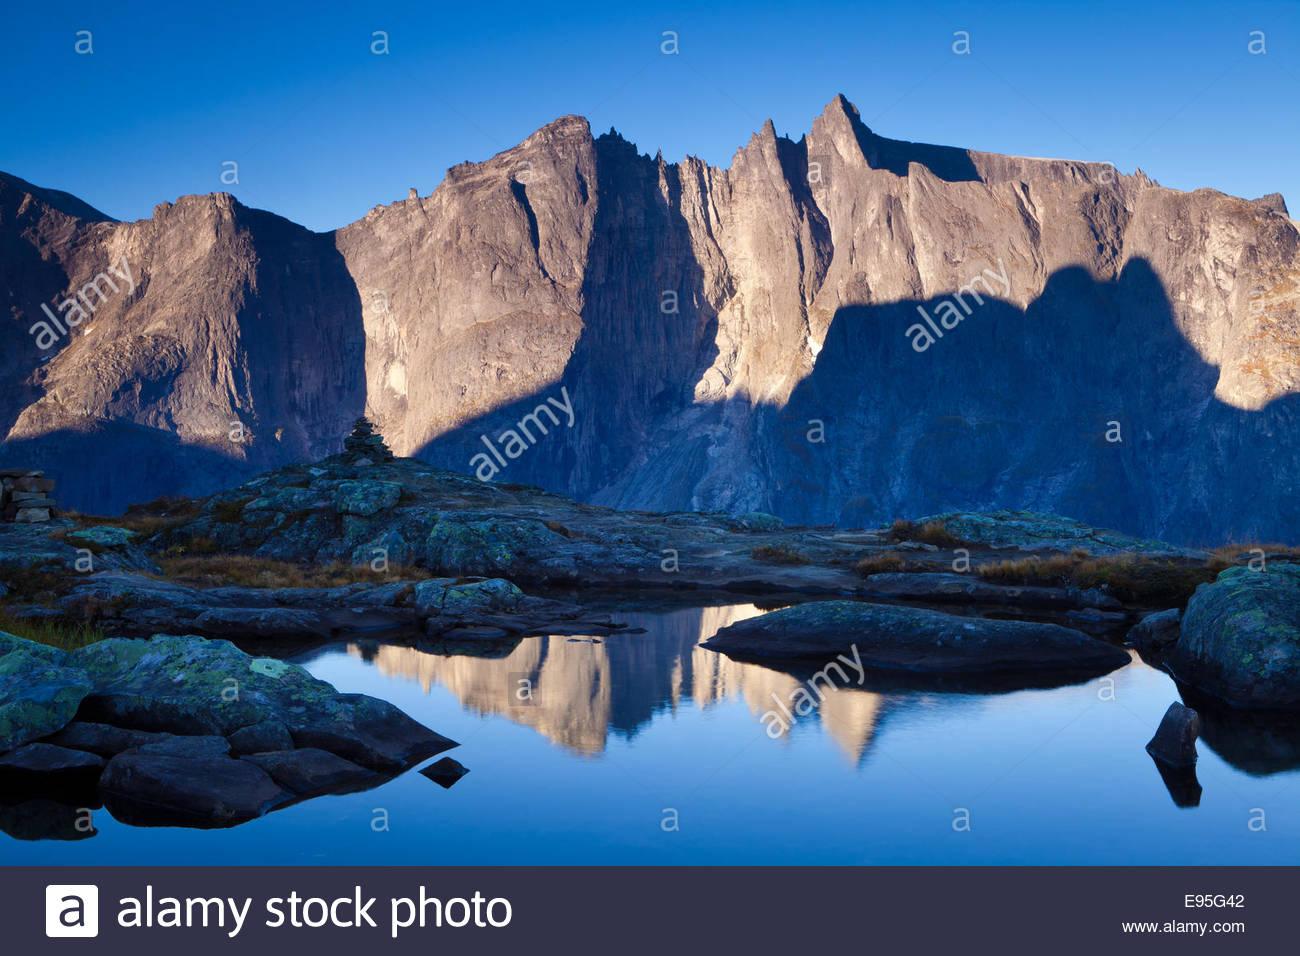 La première lumière sur les sommets et l'Trolltindane 3000 pieds verticalement Troll mur dans la vallée Photo Stock